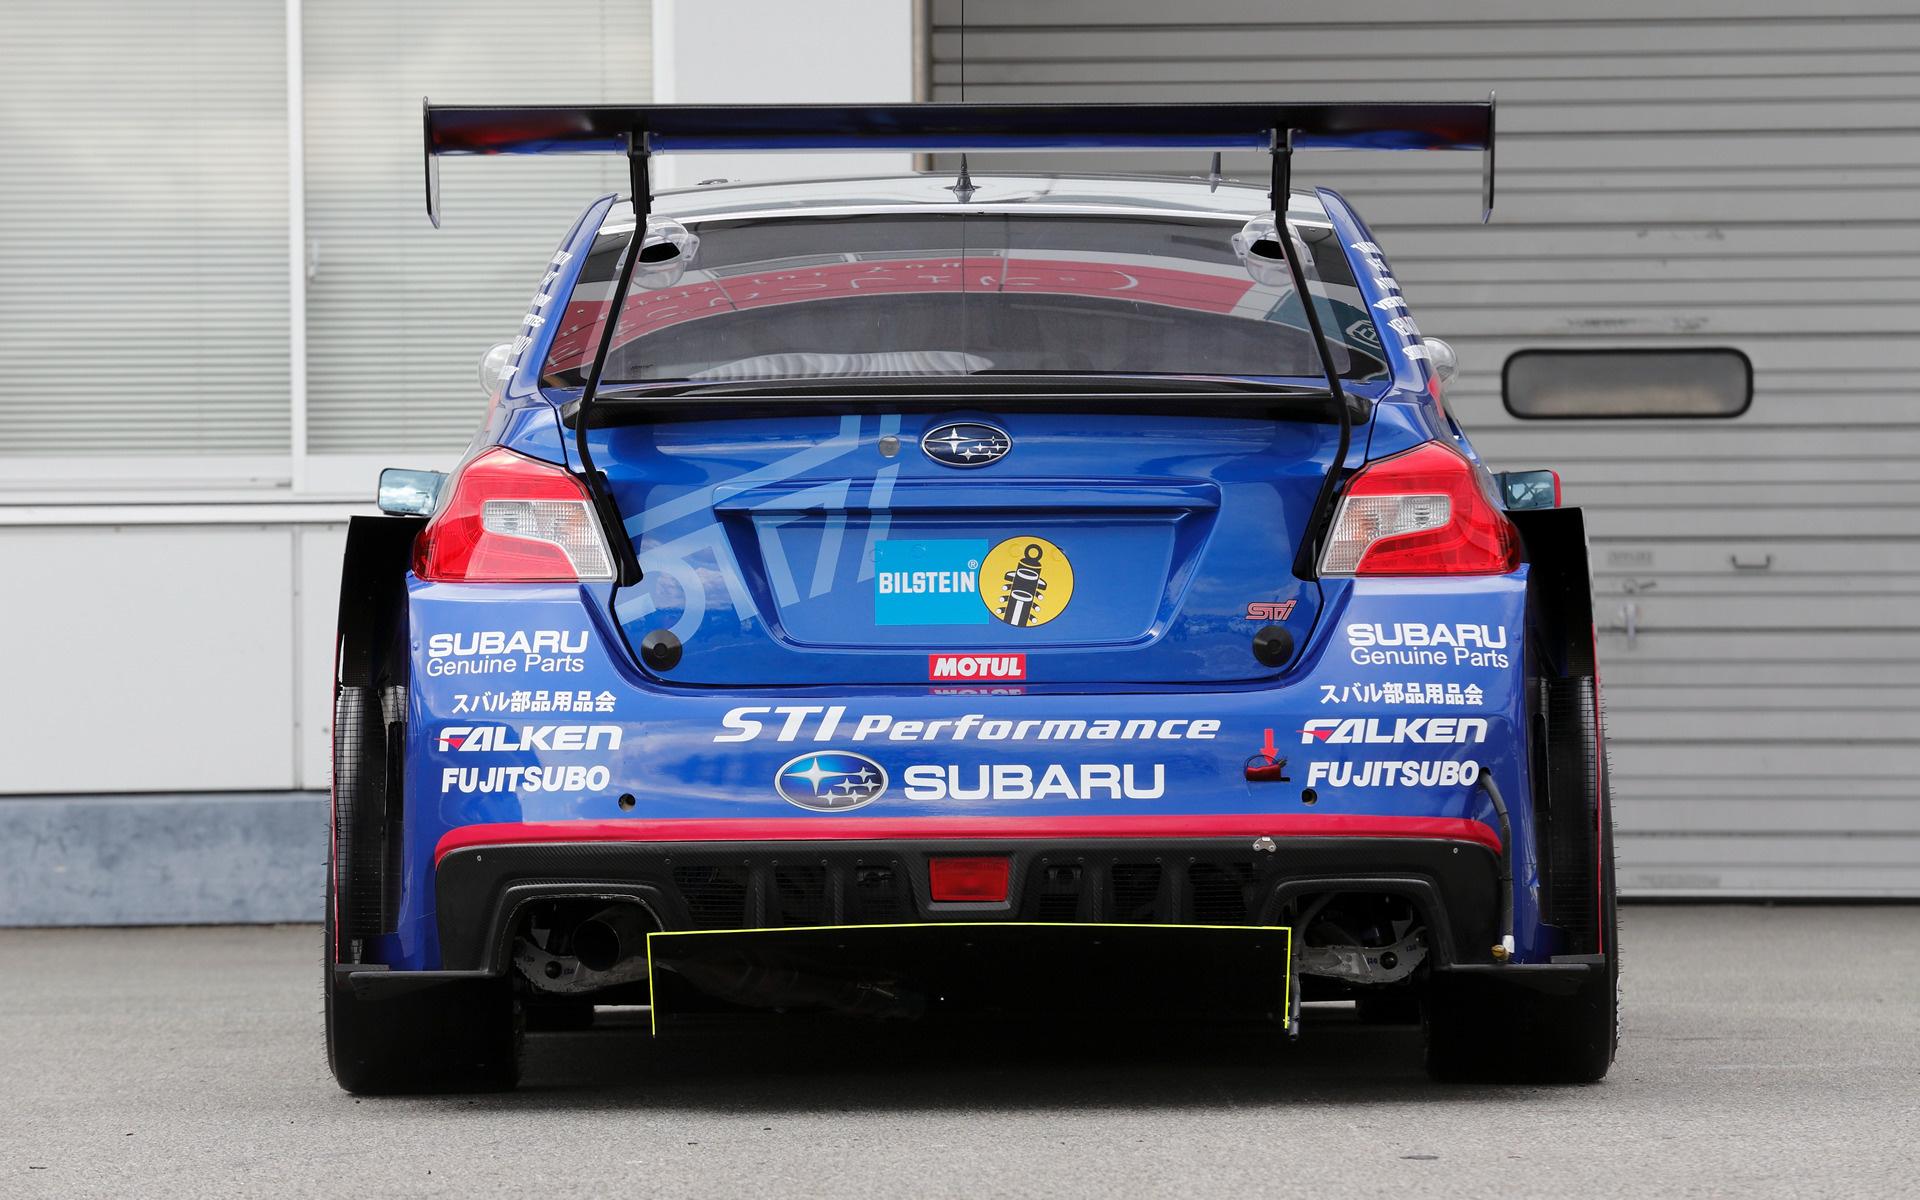 Subaru WRX STI Race Car 2017 Wallpapers and HD Car Pixel